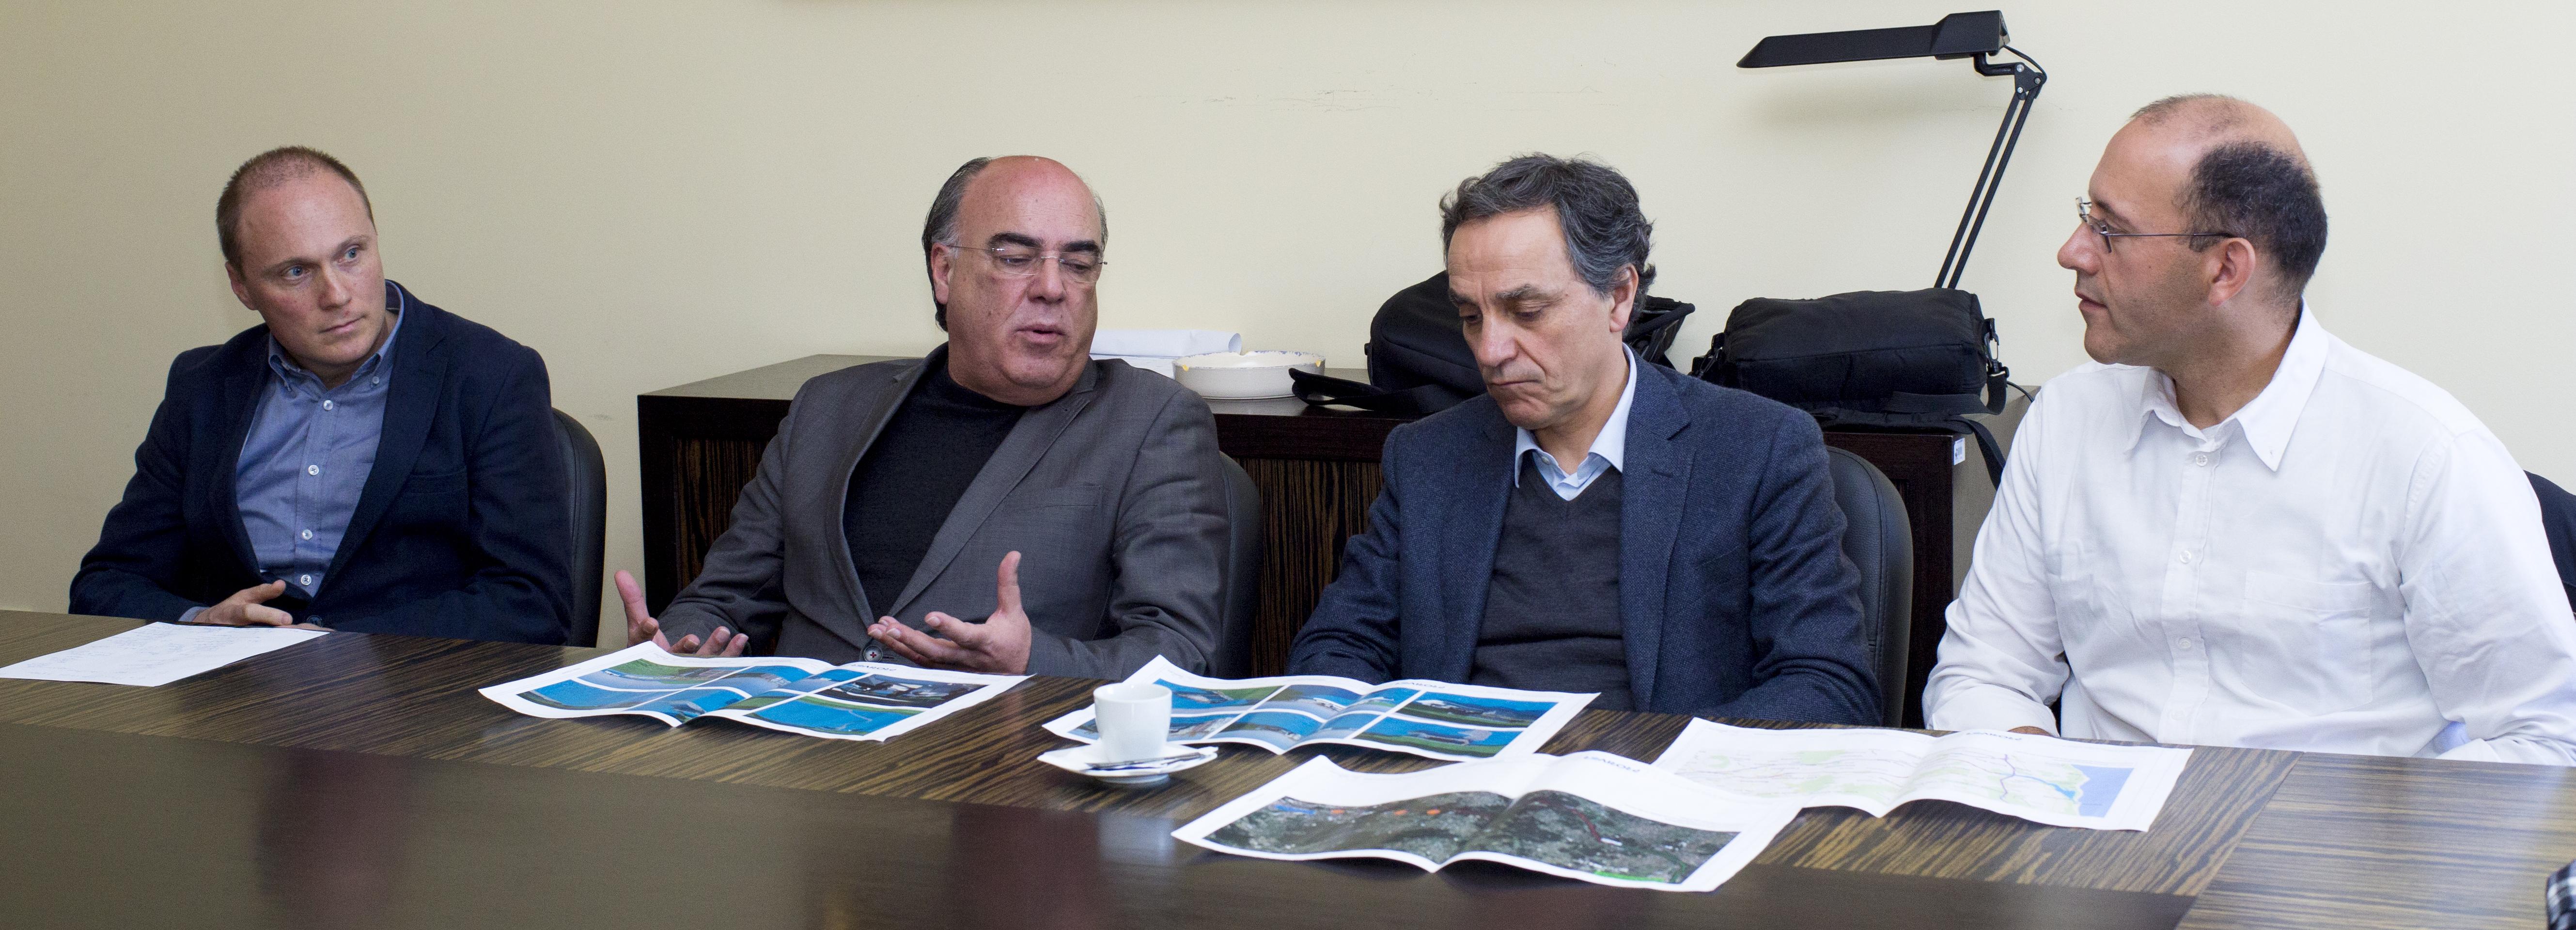 Administrador da Região Hidrográfica do Norte satisfeito com trabalho do Município de Barcelos na limpeza do Rio Cávado